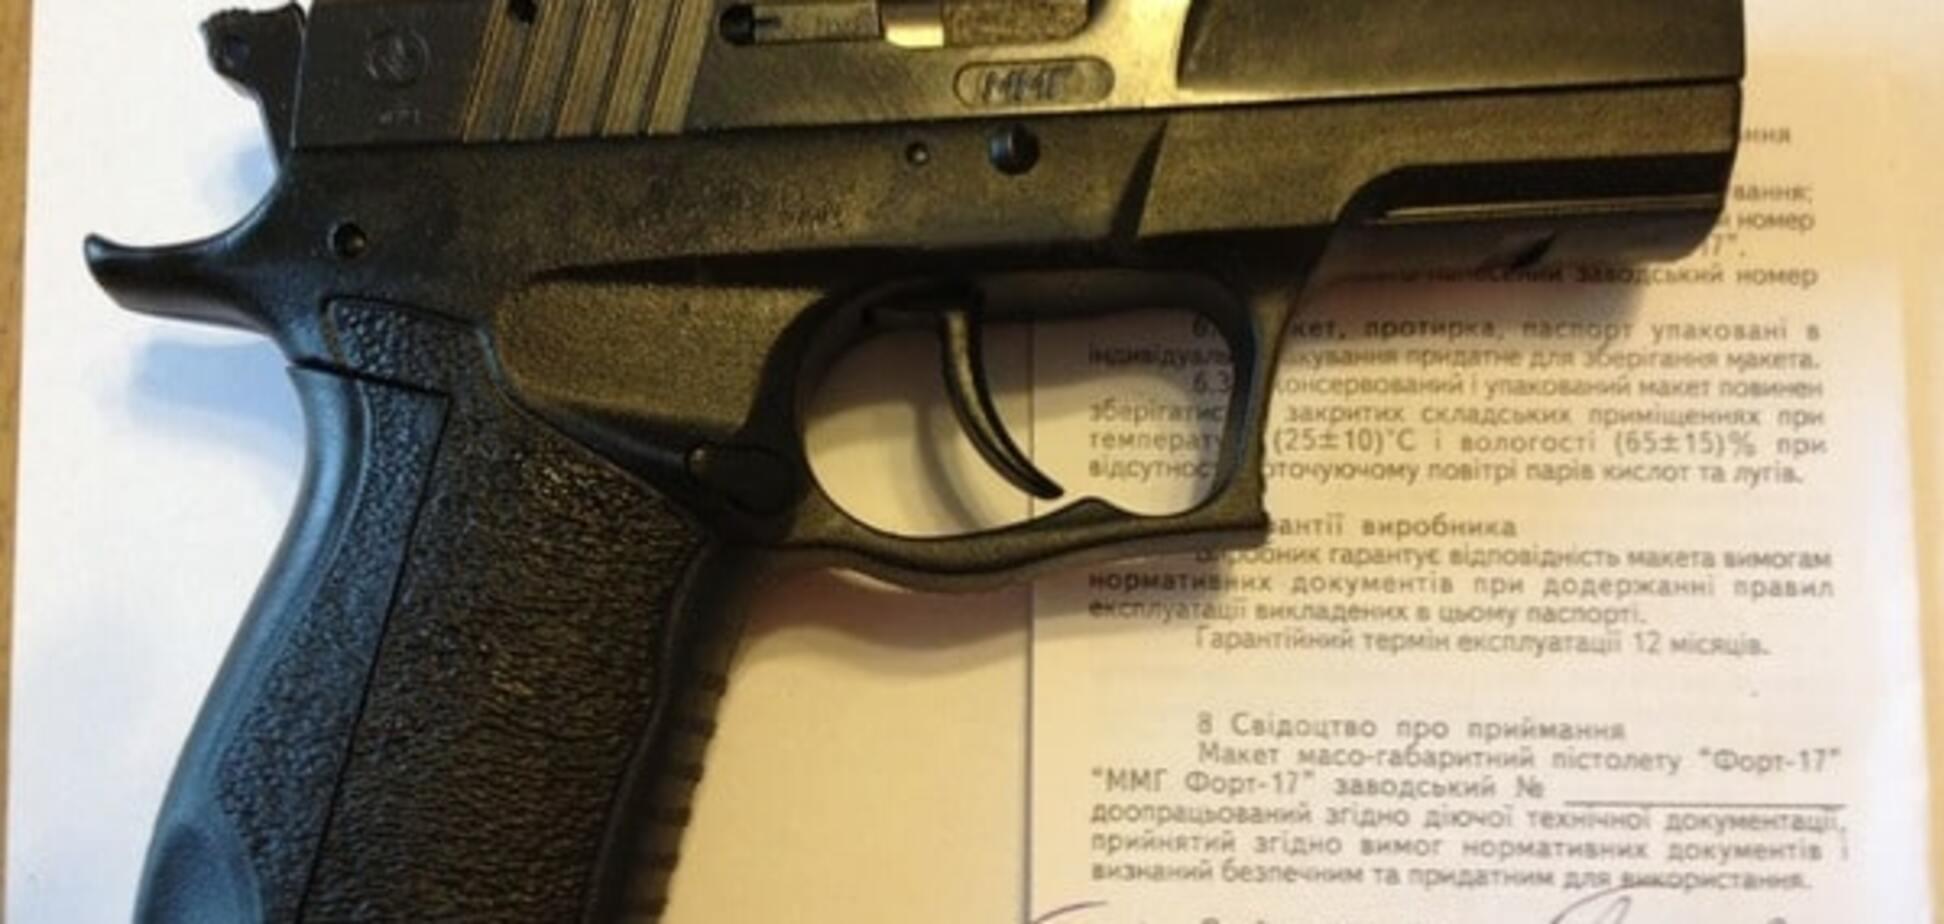 Путин и олигархи: стало известно, кому вручали именные пистолеты президенты Украины